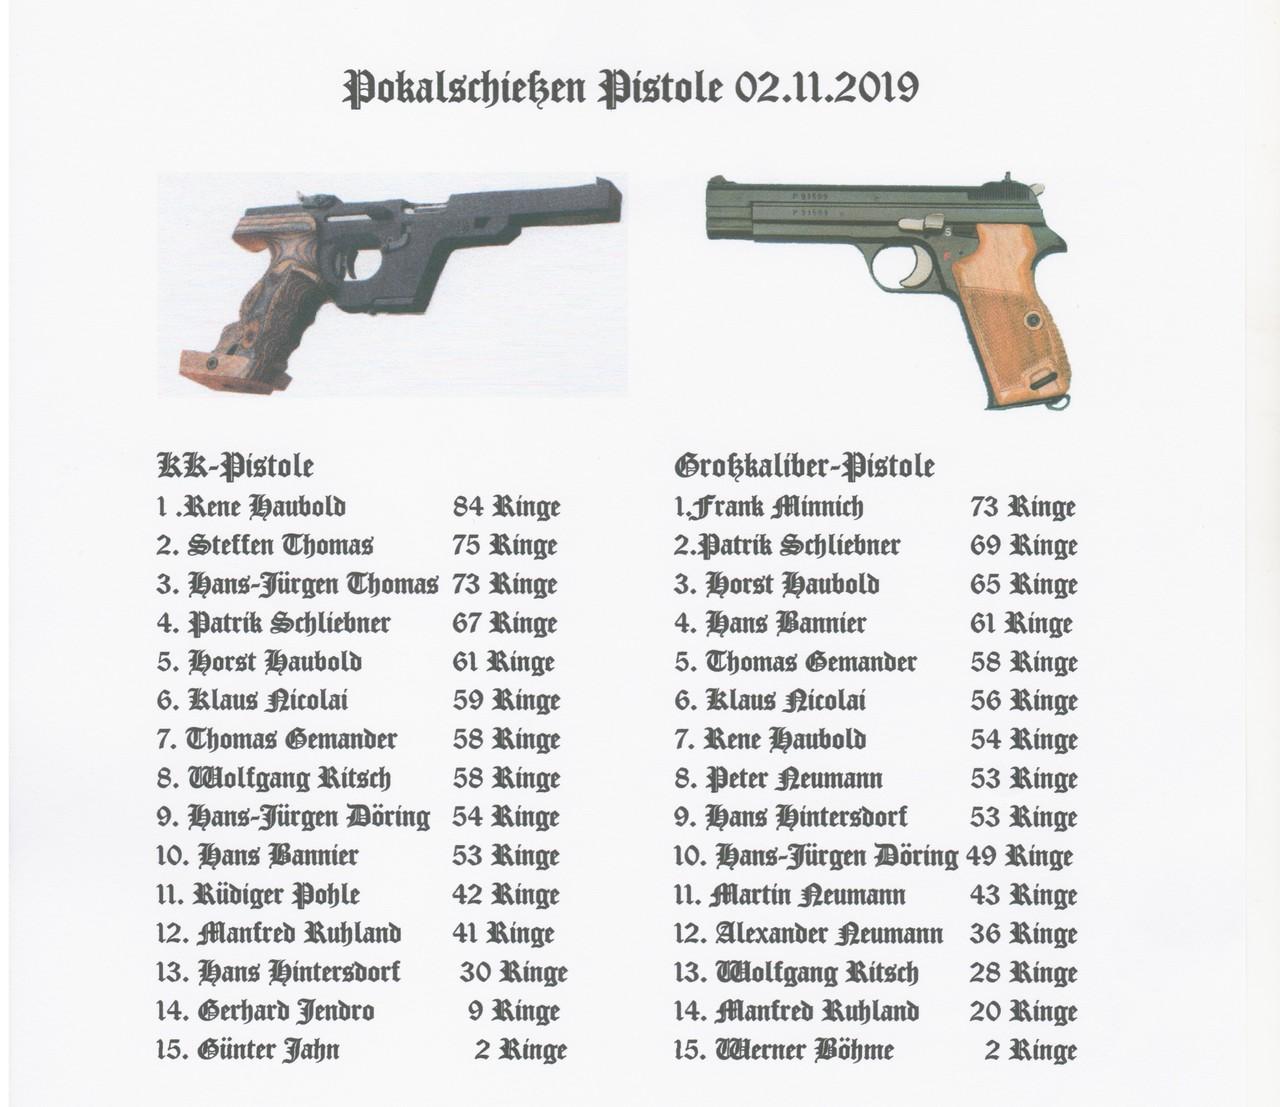 2019 Pokalschiessen Pistole